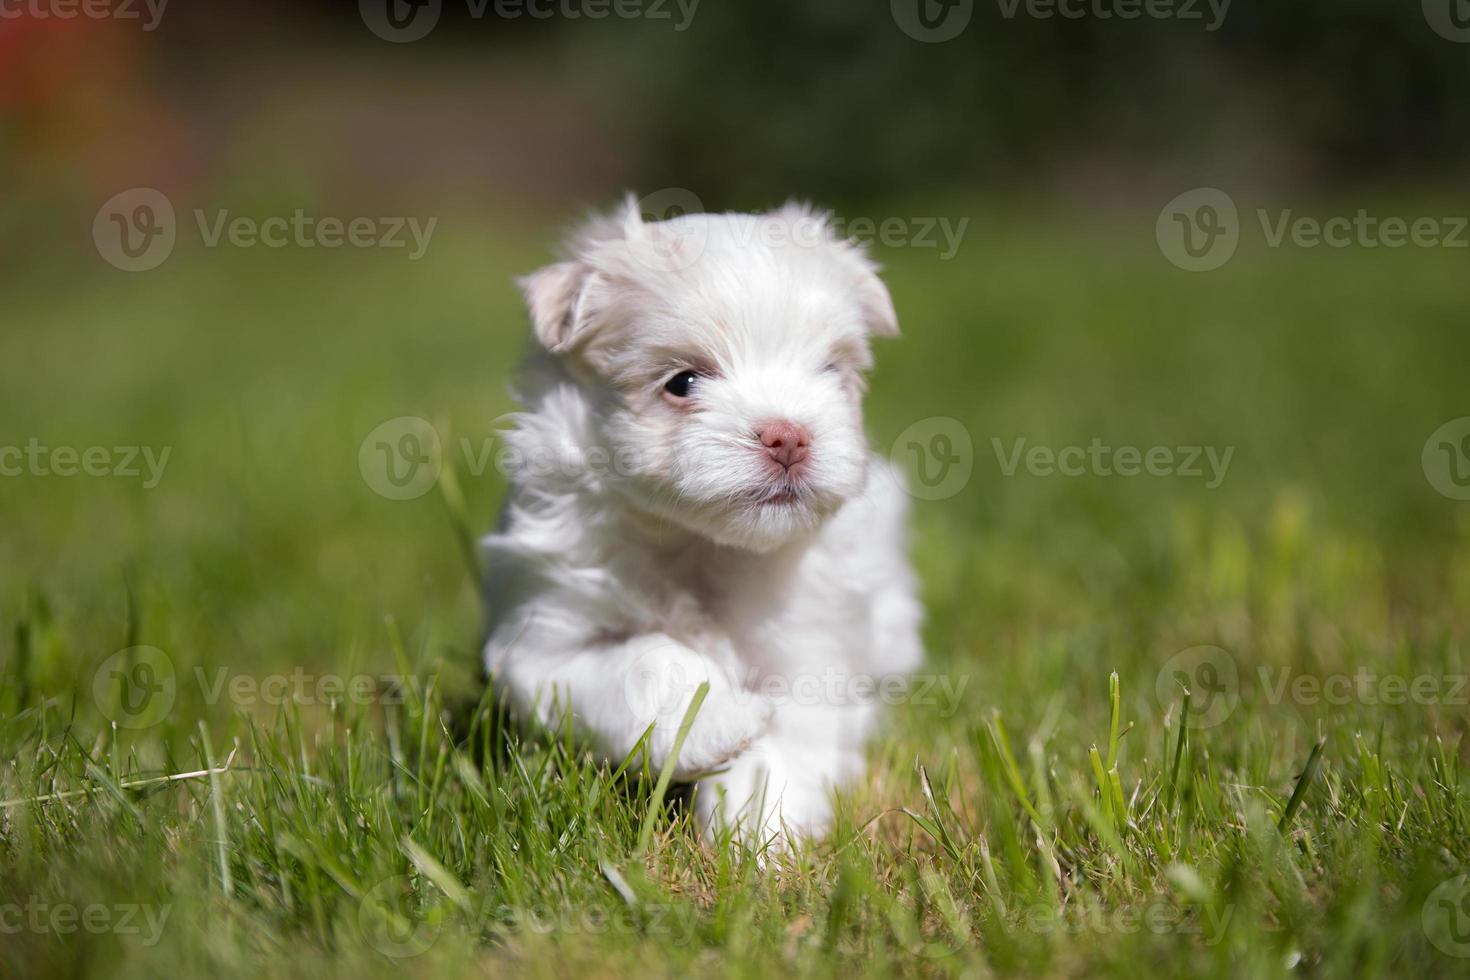 simpatico cucciolo maltese in esecuzione foto